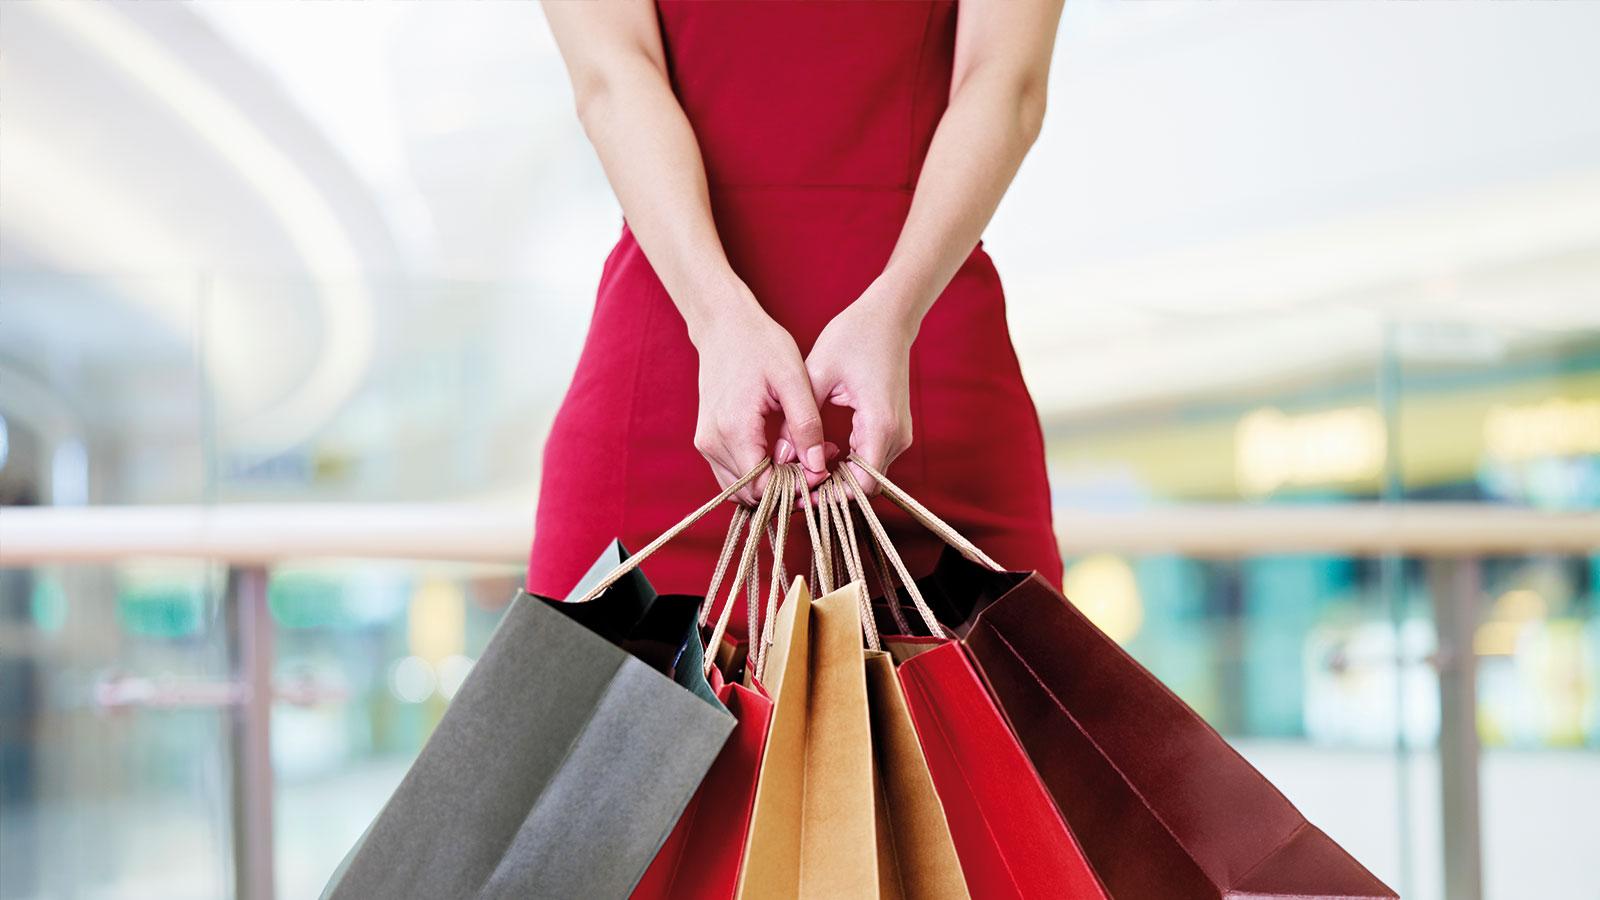 commerce-ouverture-dimanche-monaco-couverture